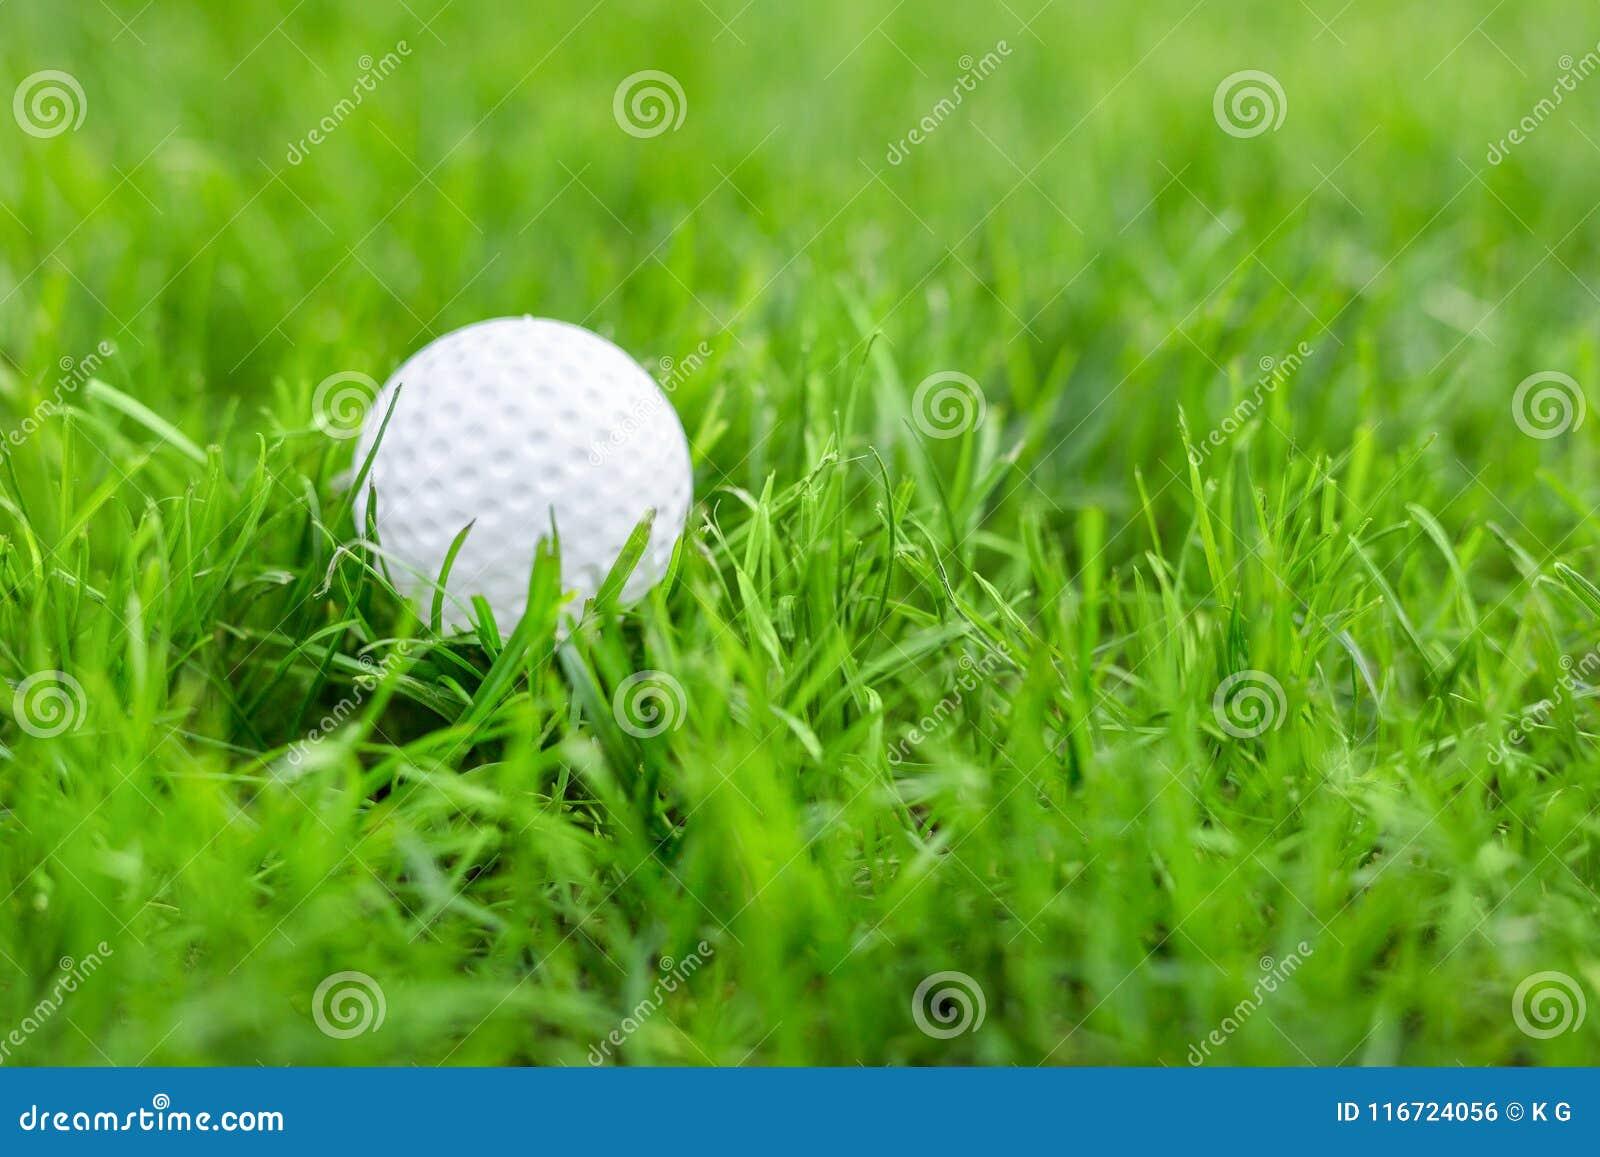 Närbild av vit golfboll i äng för grönt gräs Detaljer av lekfältet Dåligt förberedd gräsmatta för professionelllek